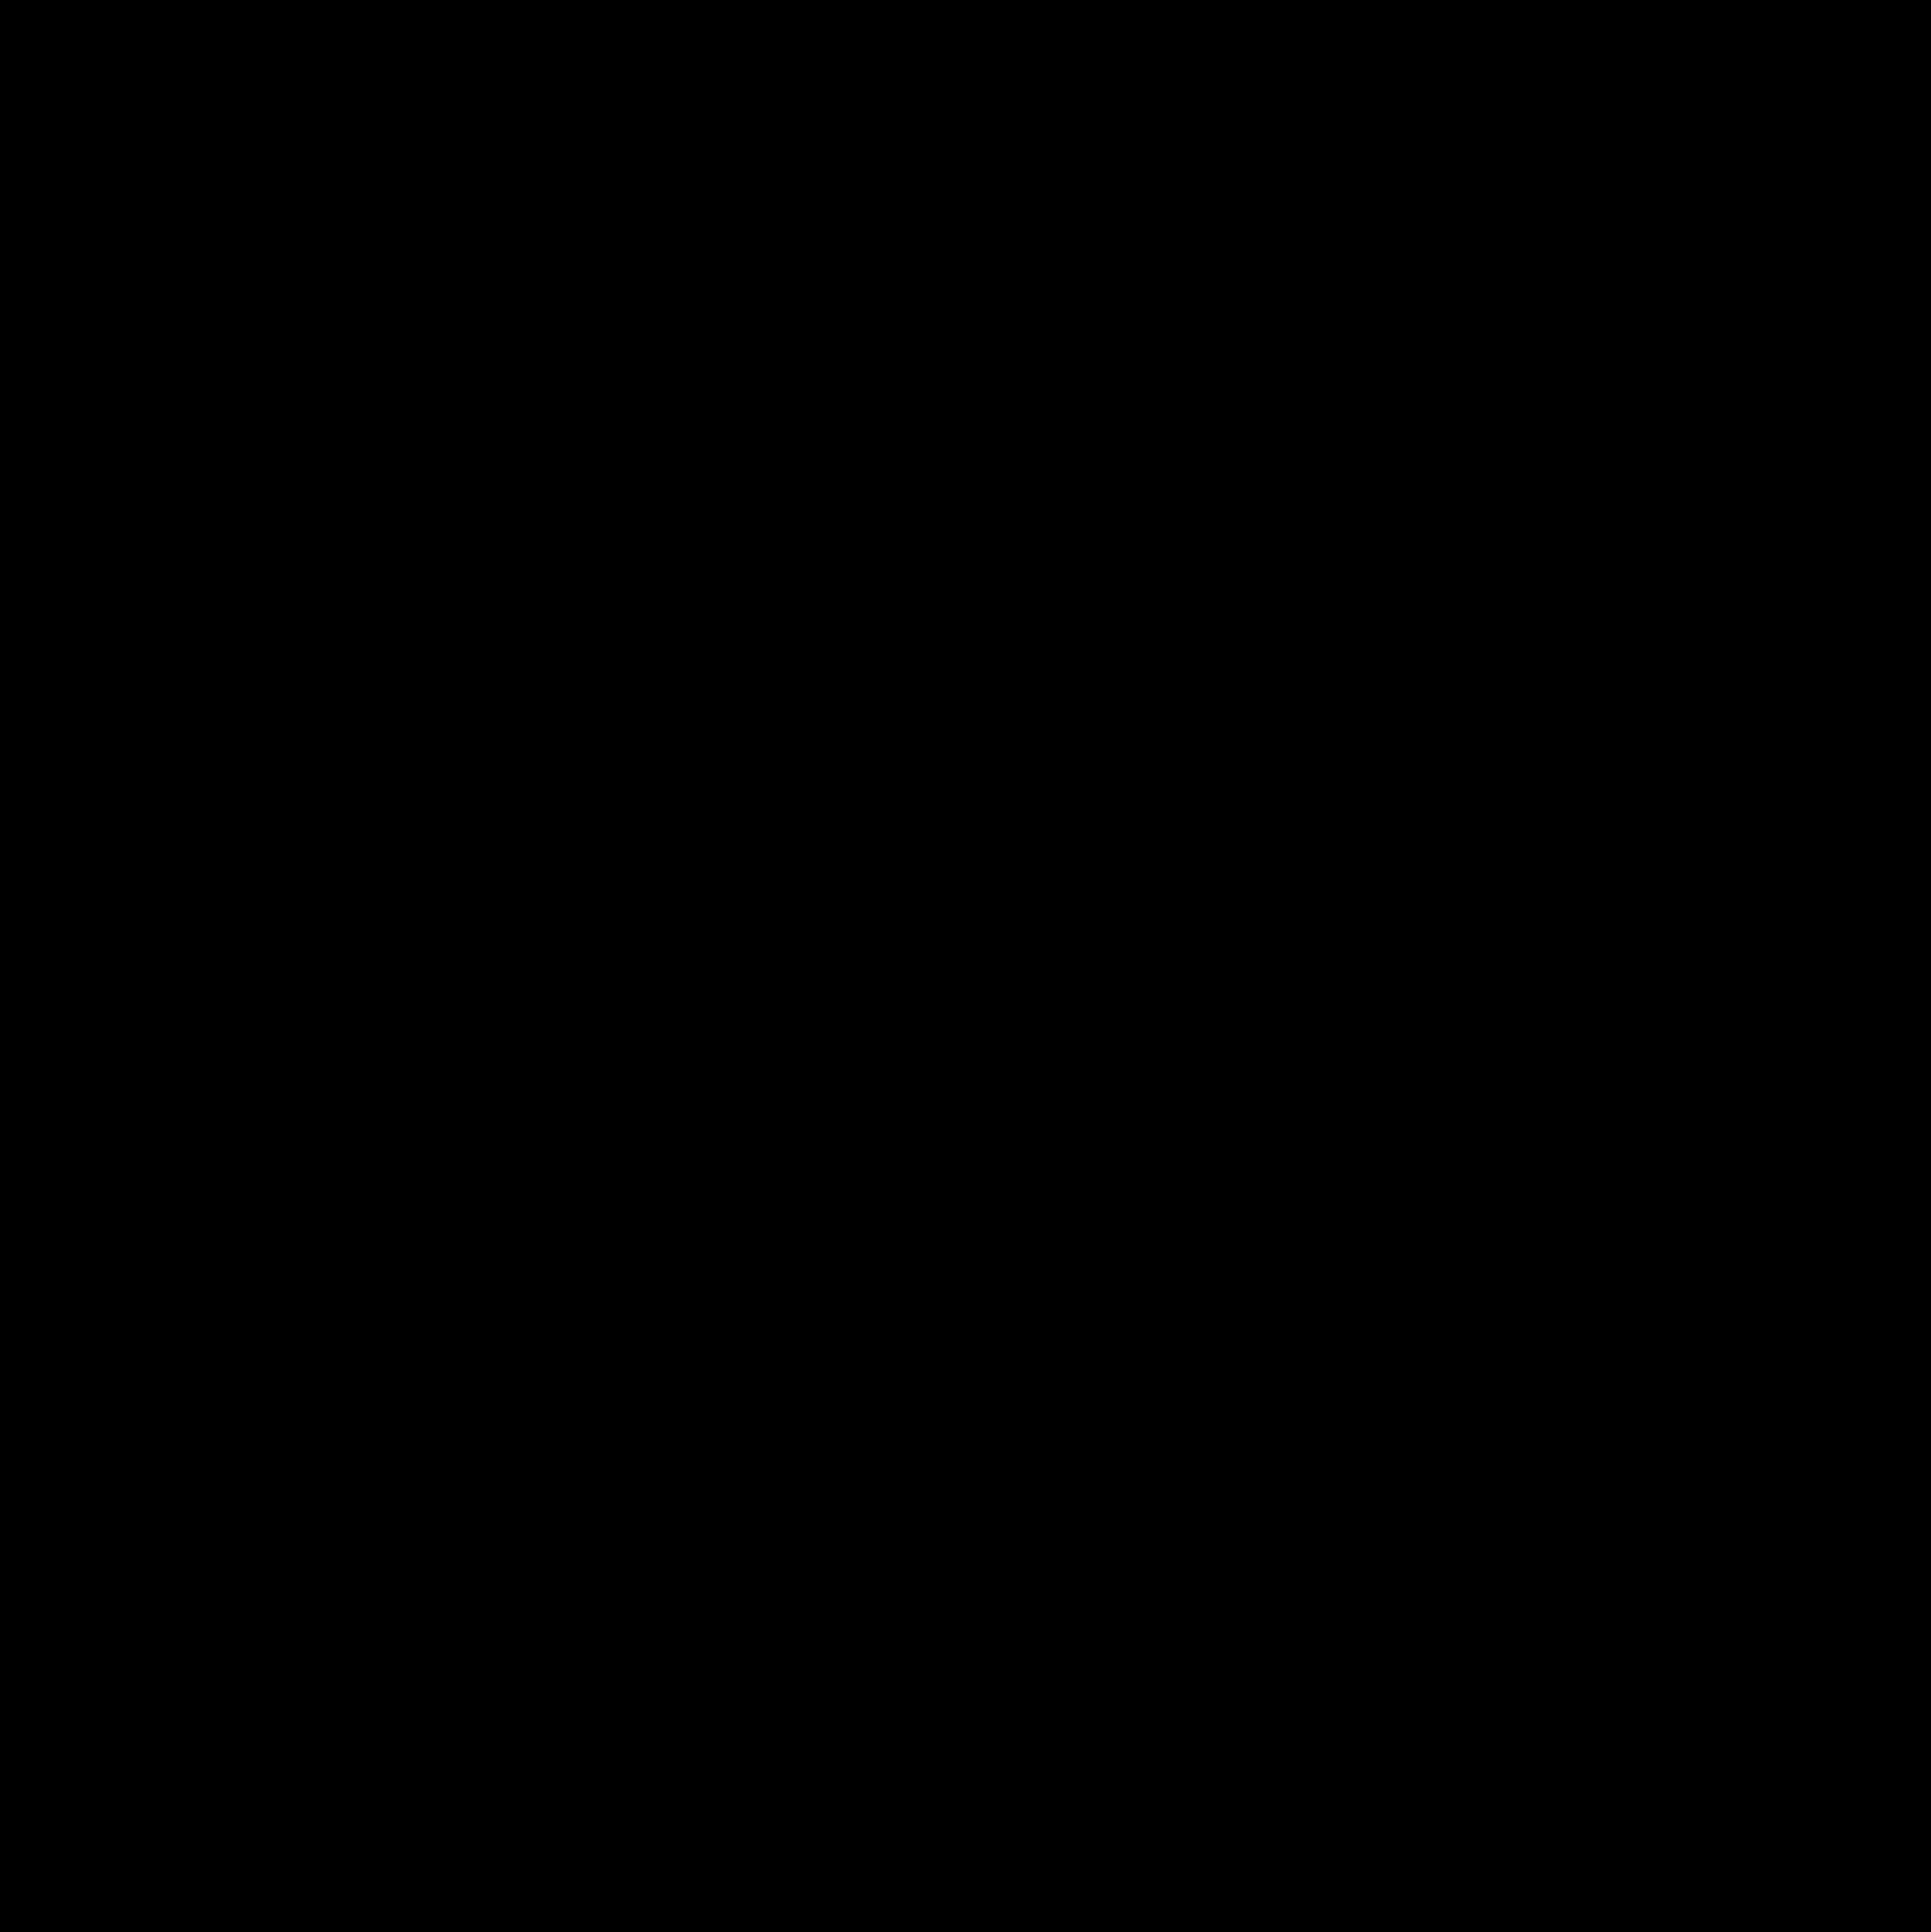 L uomo con gli occhiali con la barba sta mostrando il telefono